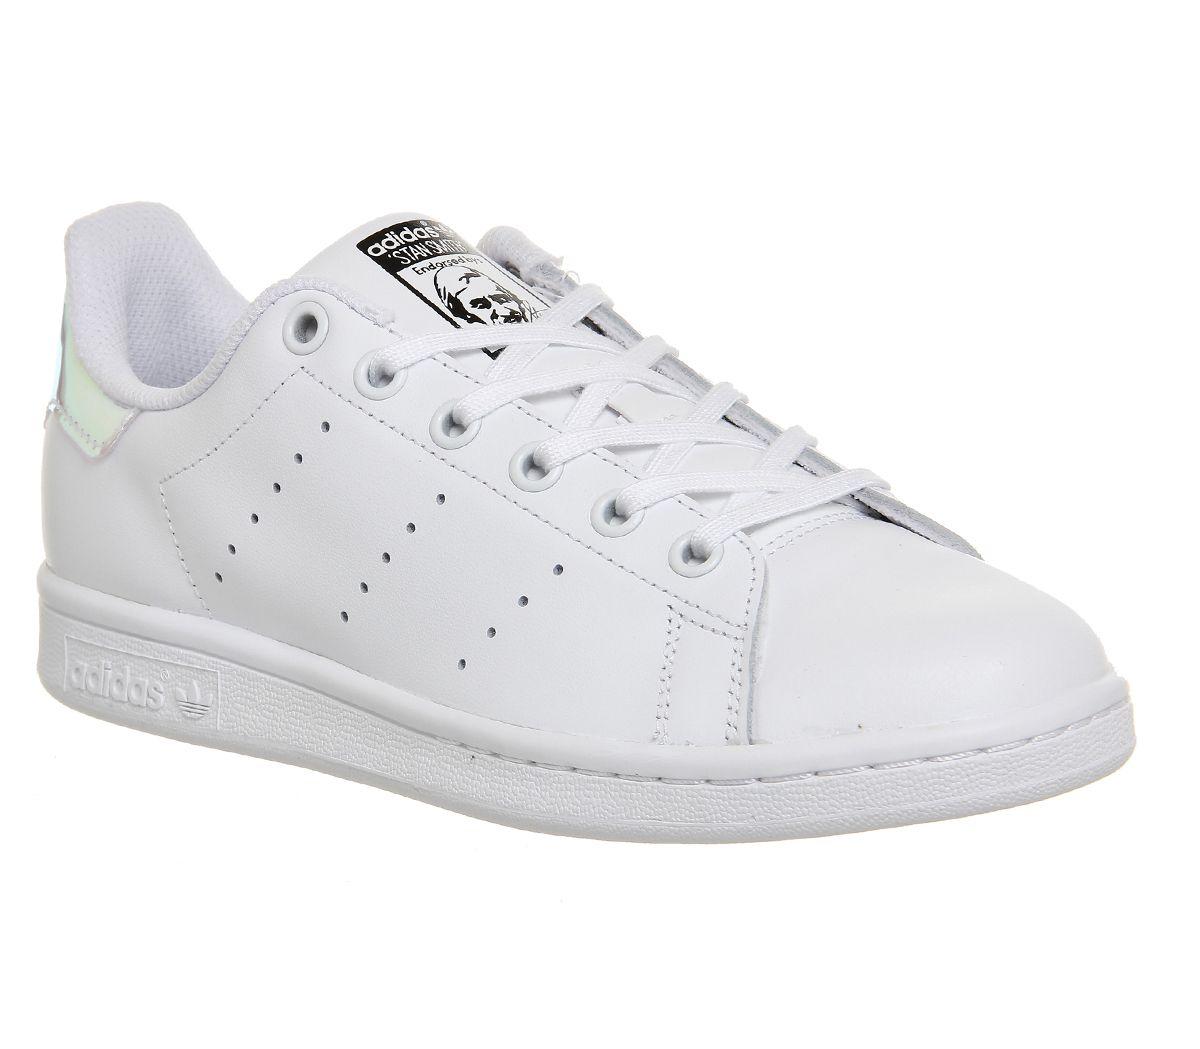 meilleure sélection 68a30 e2872 Détails sur Enfants adidas Stan Smith Blanc Argent Métallique Blanc Enfants